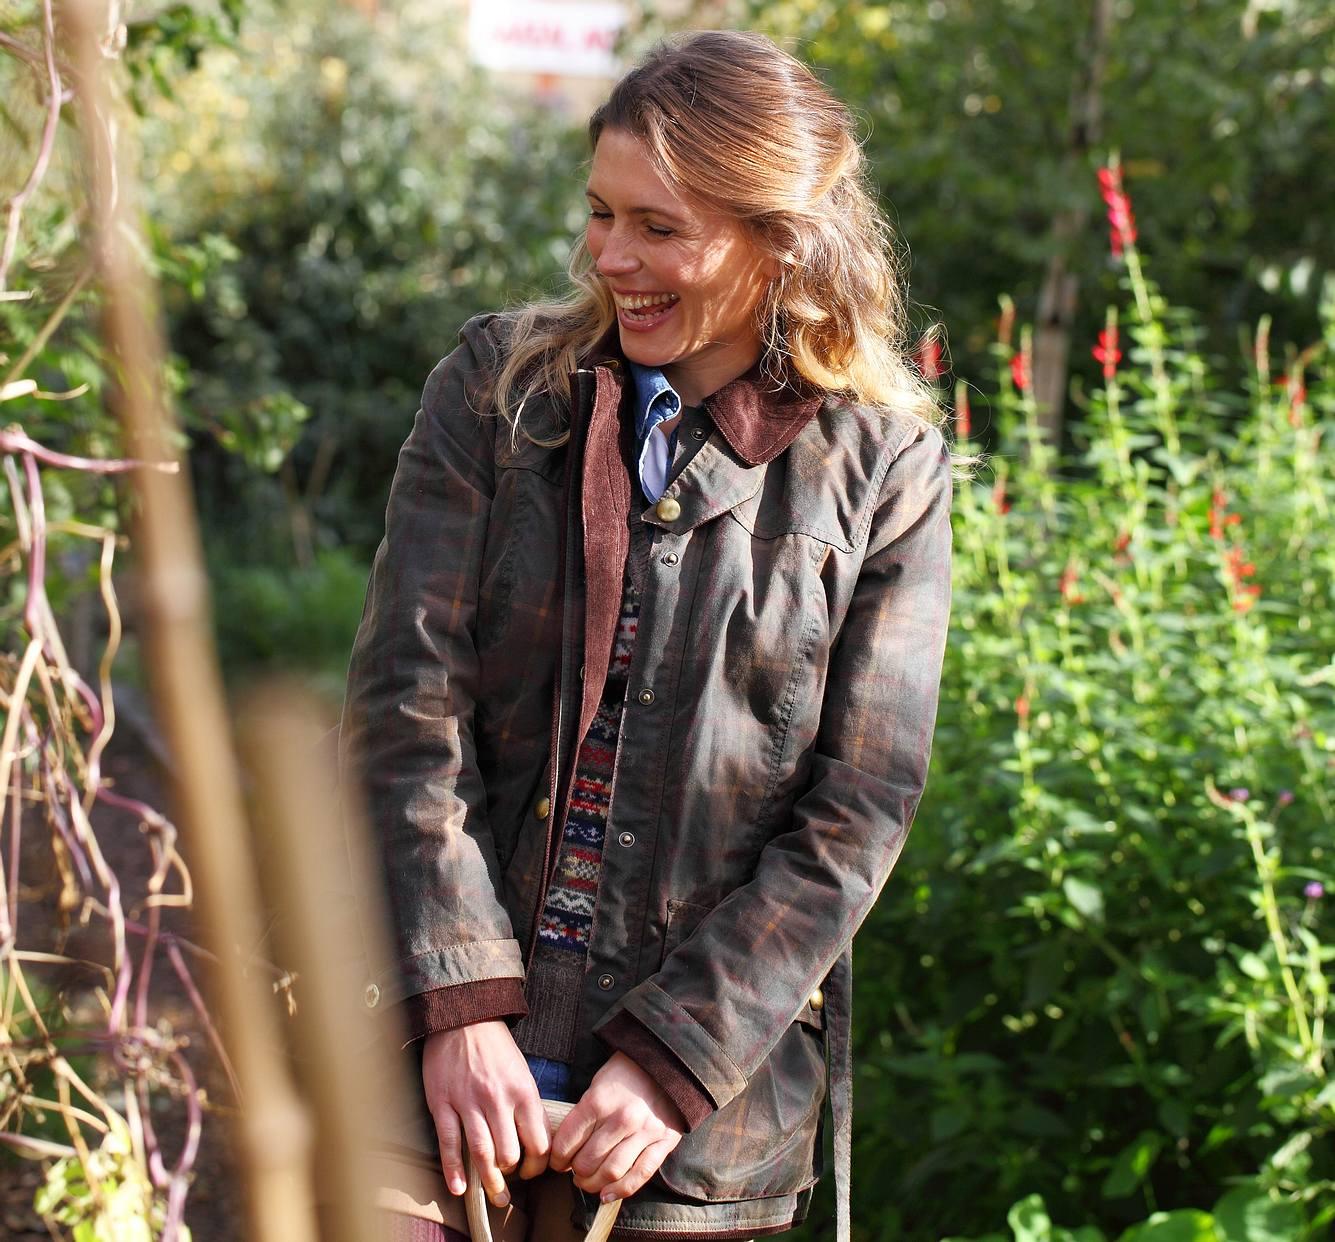 Wachsjacke Damen: Frau in Jacke im Garten